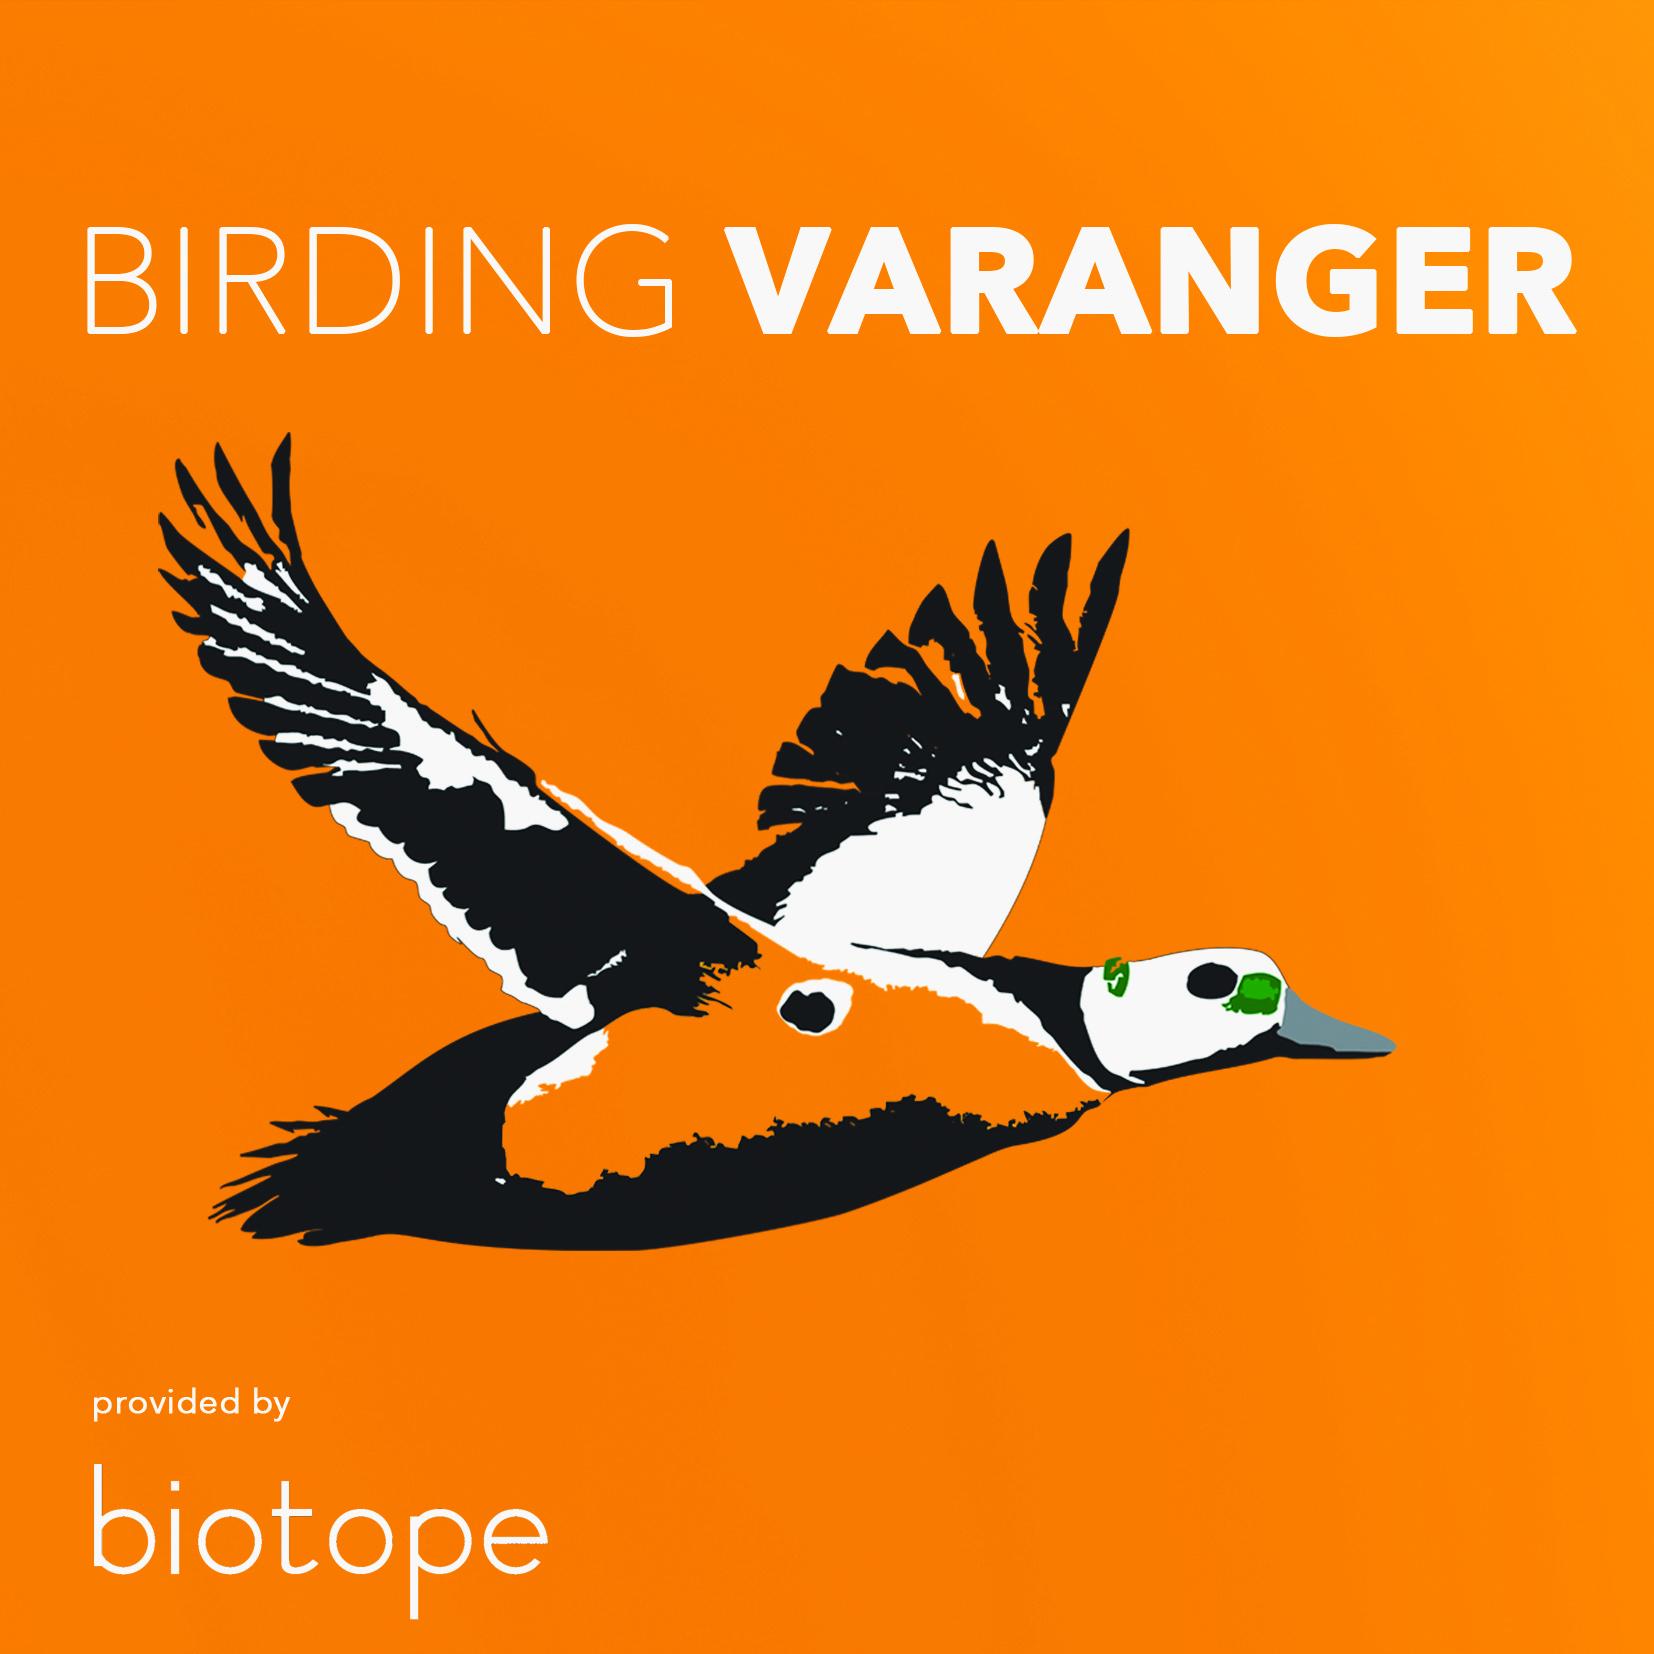 Birding Varanger logo